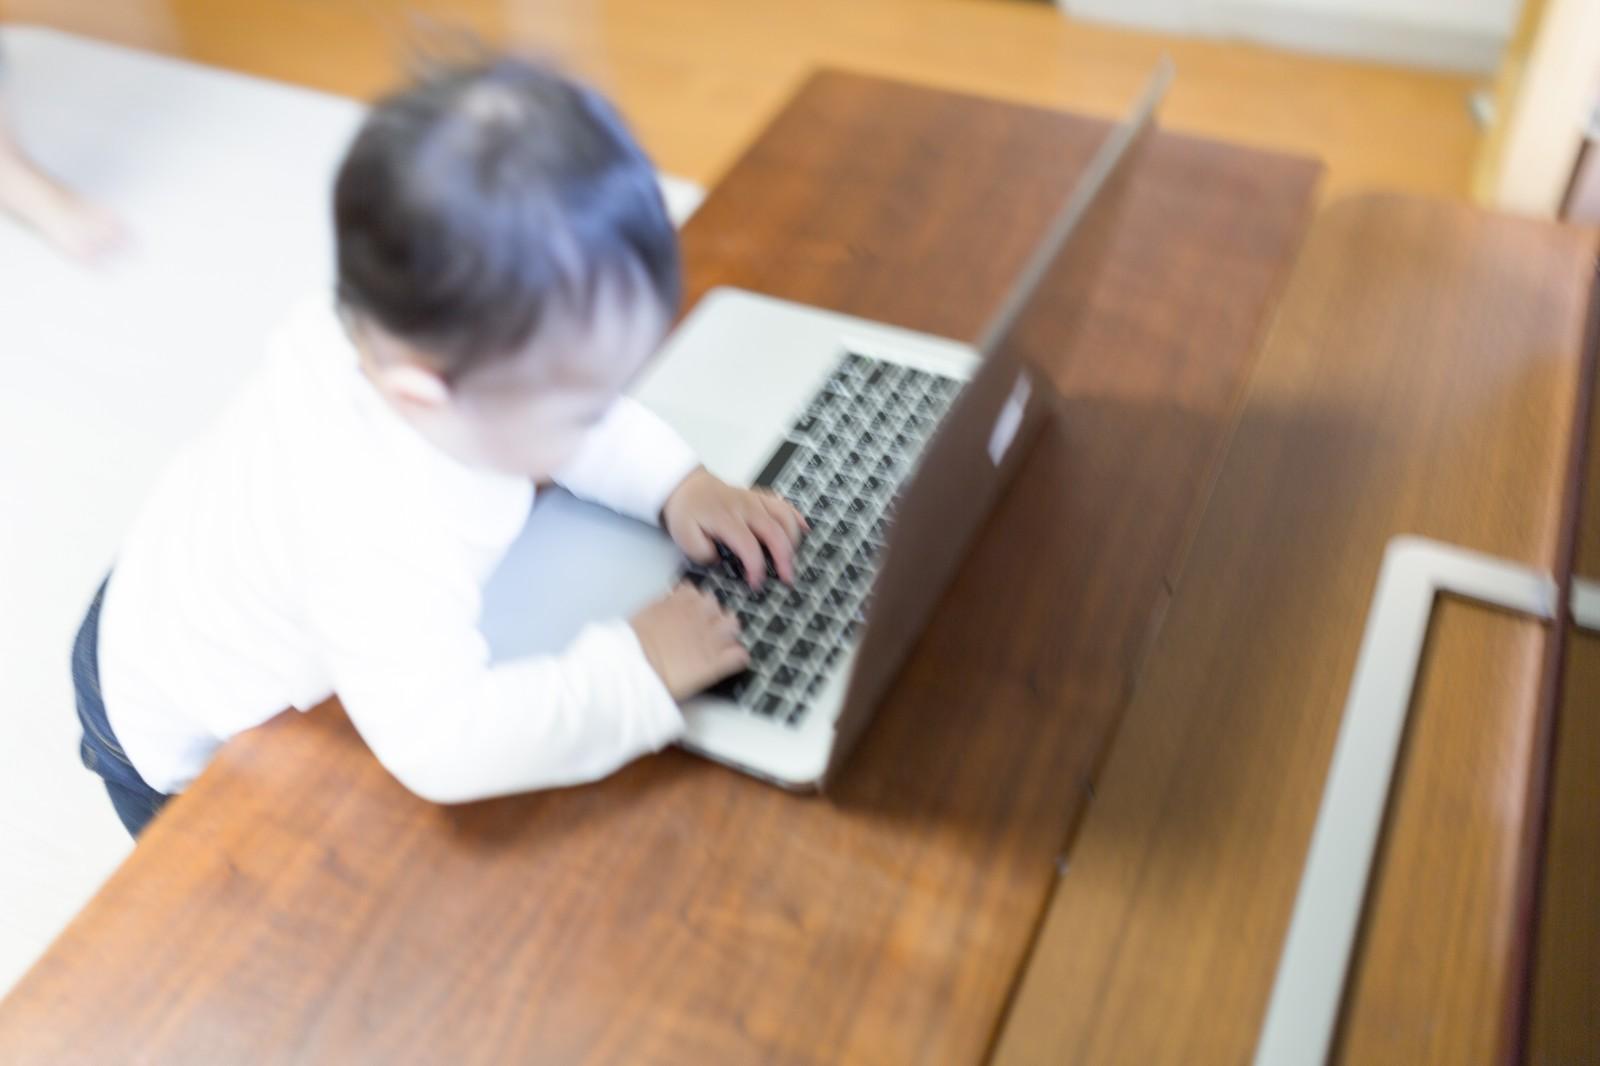 【急遽開催決定】「WordPressで自店ホームページを作って管理してしまおう勉強会」を開催します。